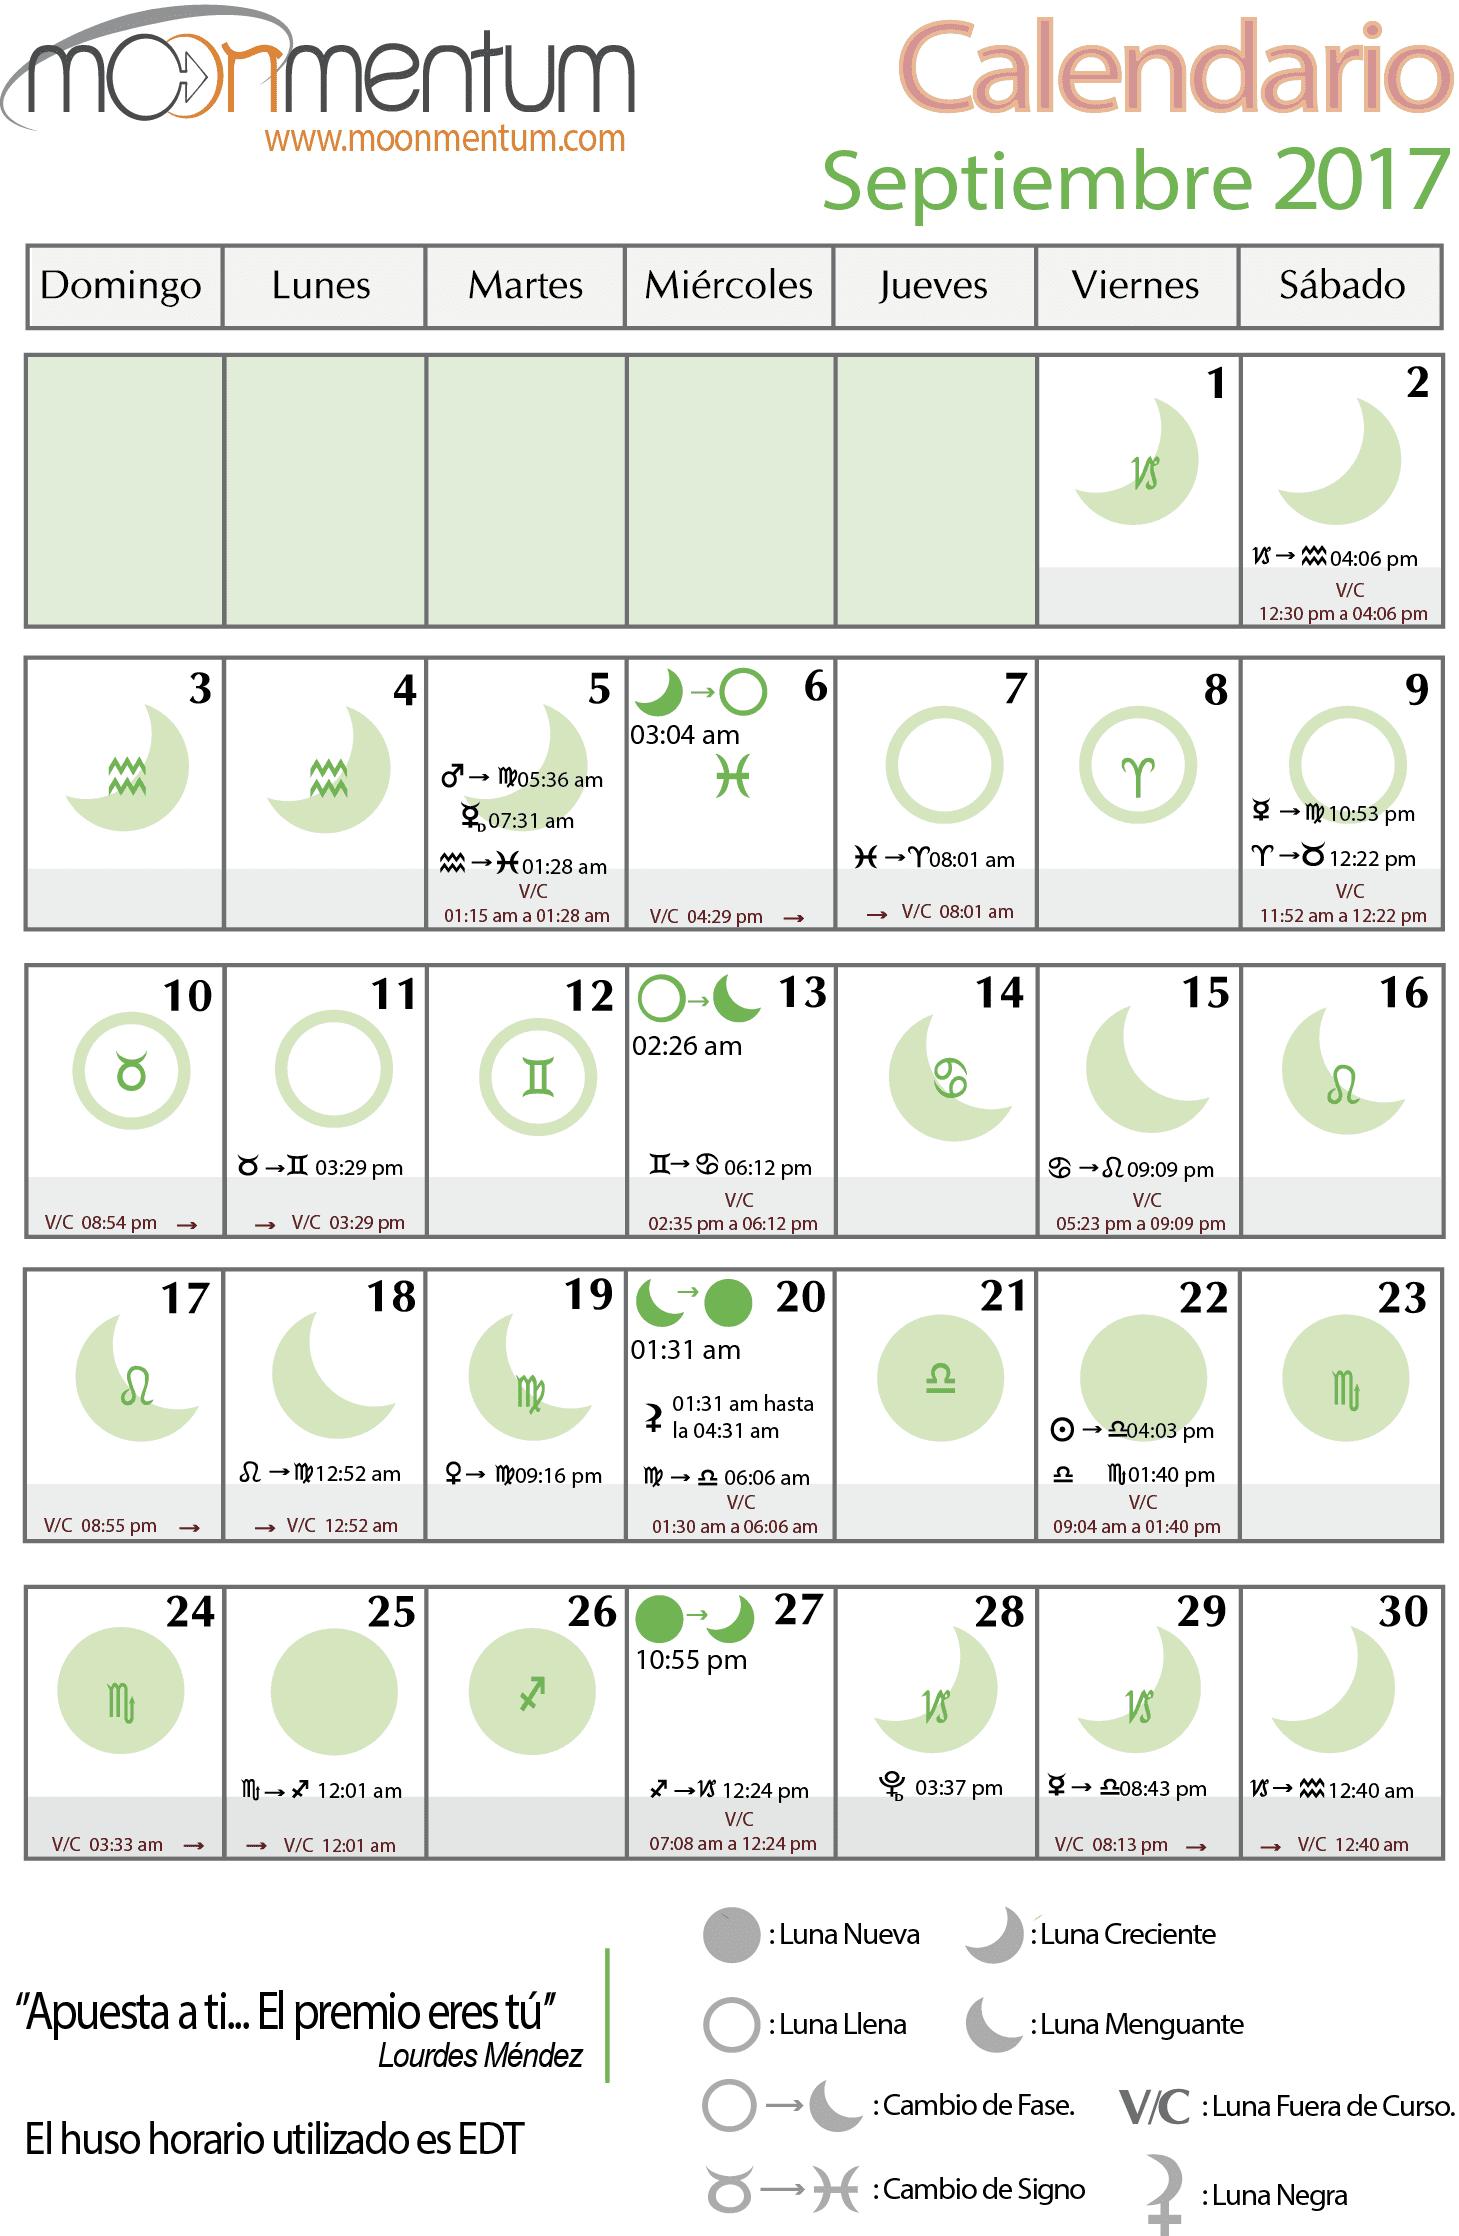 Calendario Zodiacal.Calendario Septiembre 2017 Moonmentum